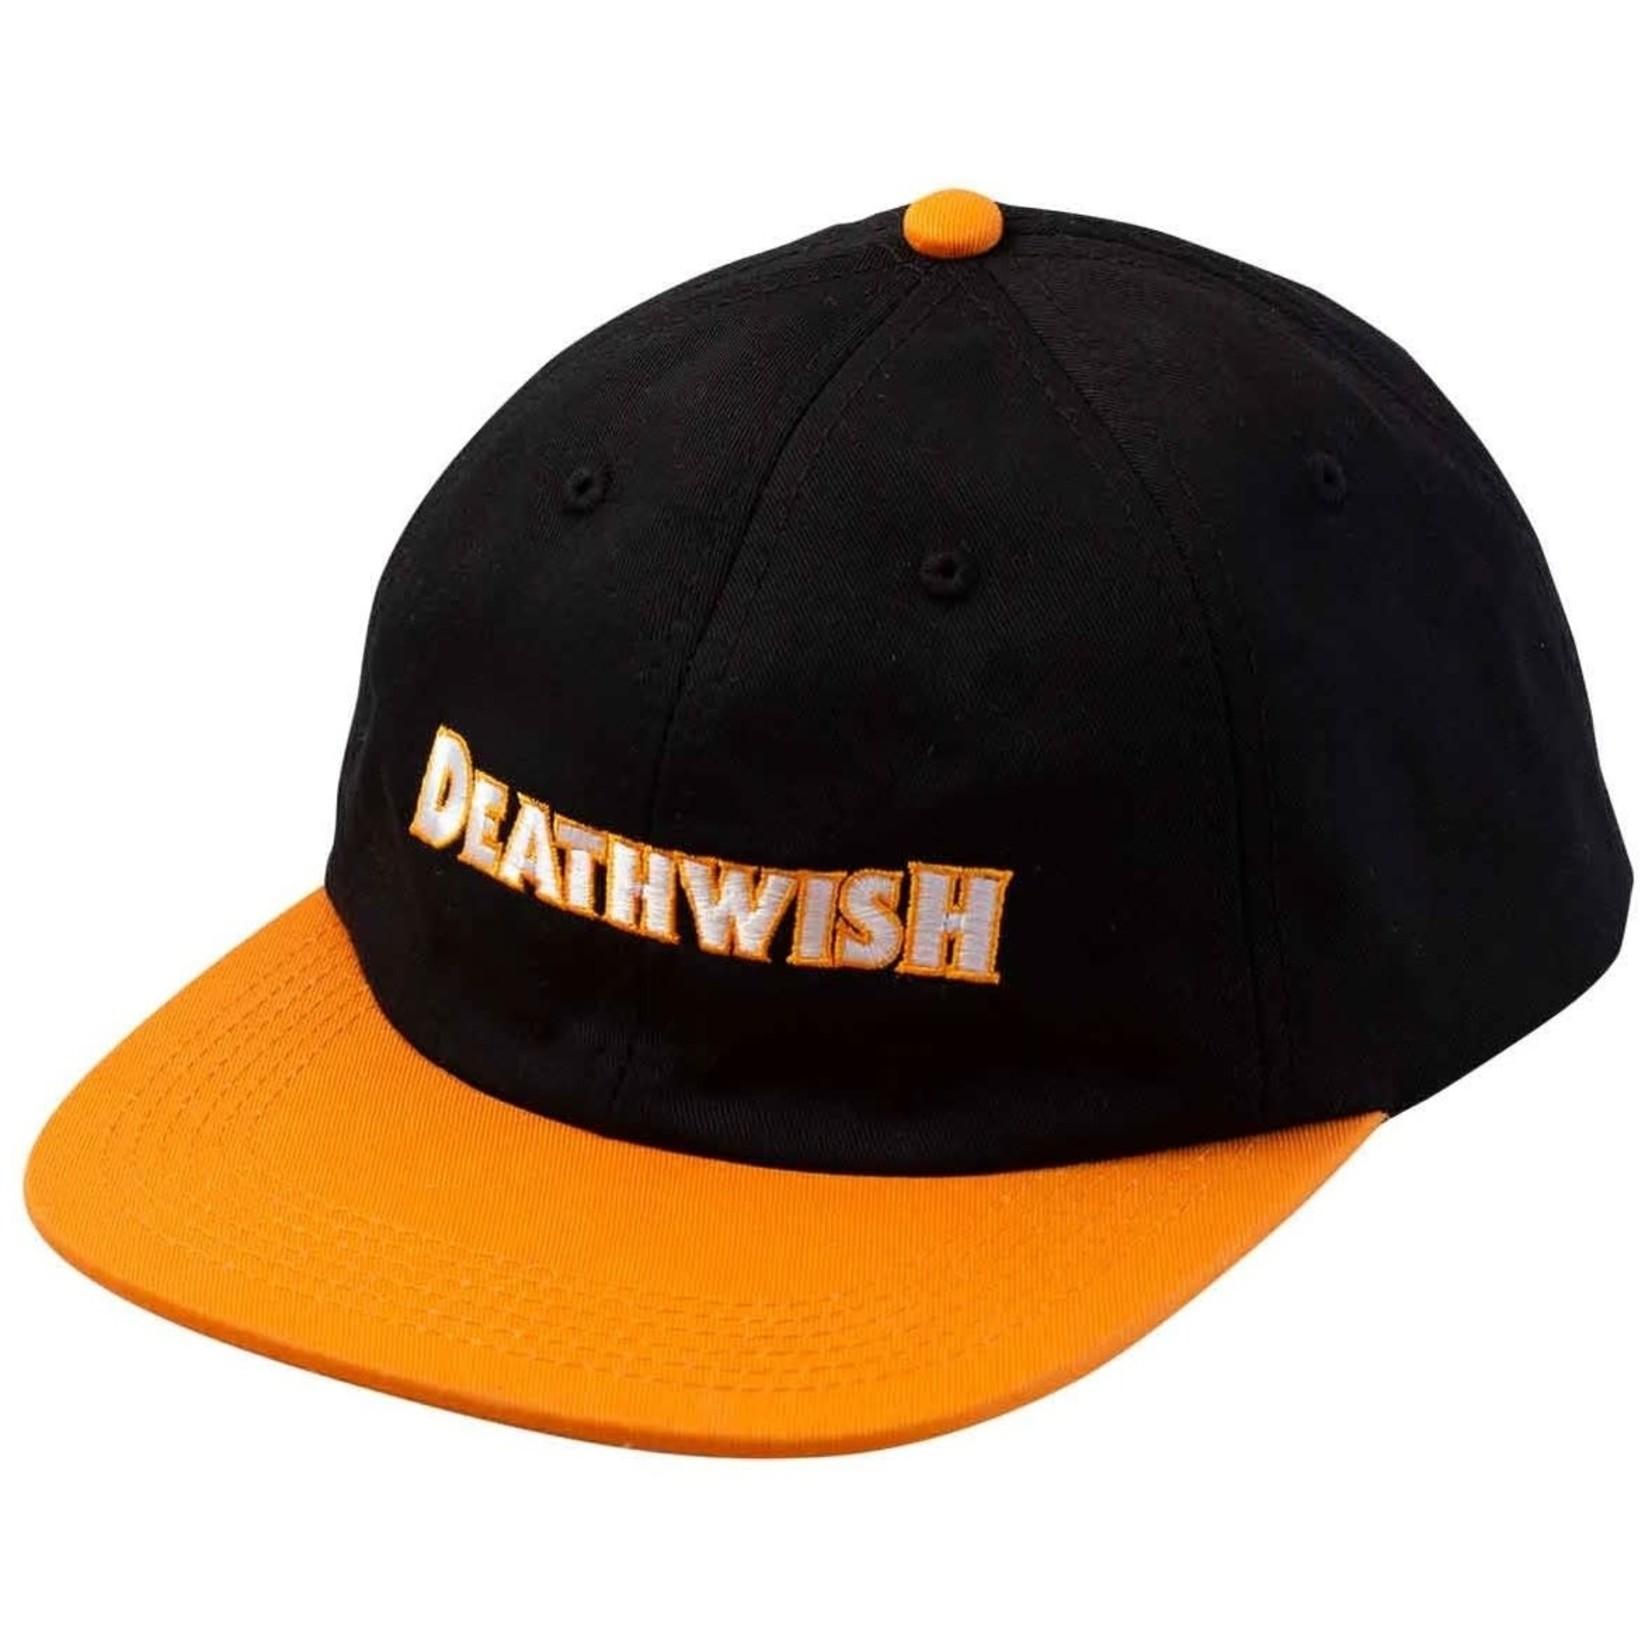 Deathwish Deathwish Carpenter Hat